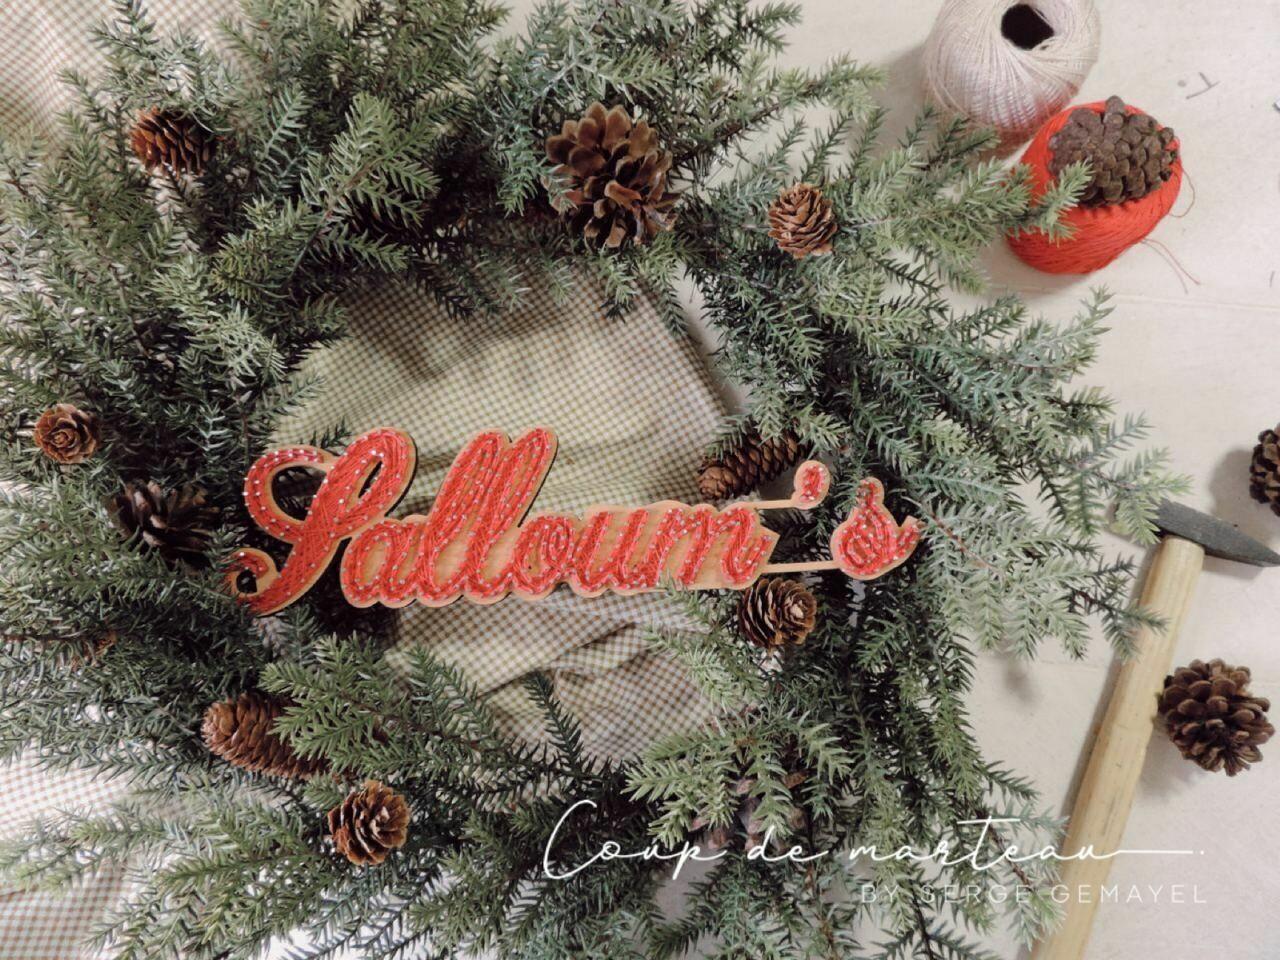 String Art - Wreaths Family Name Christmas Green (Piece) - Coup de Marteau